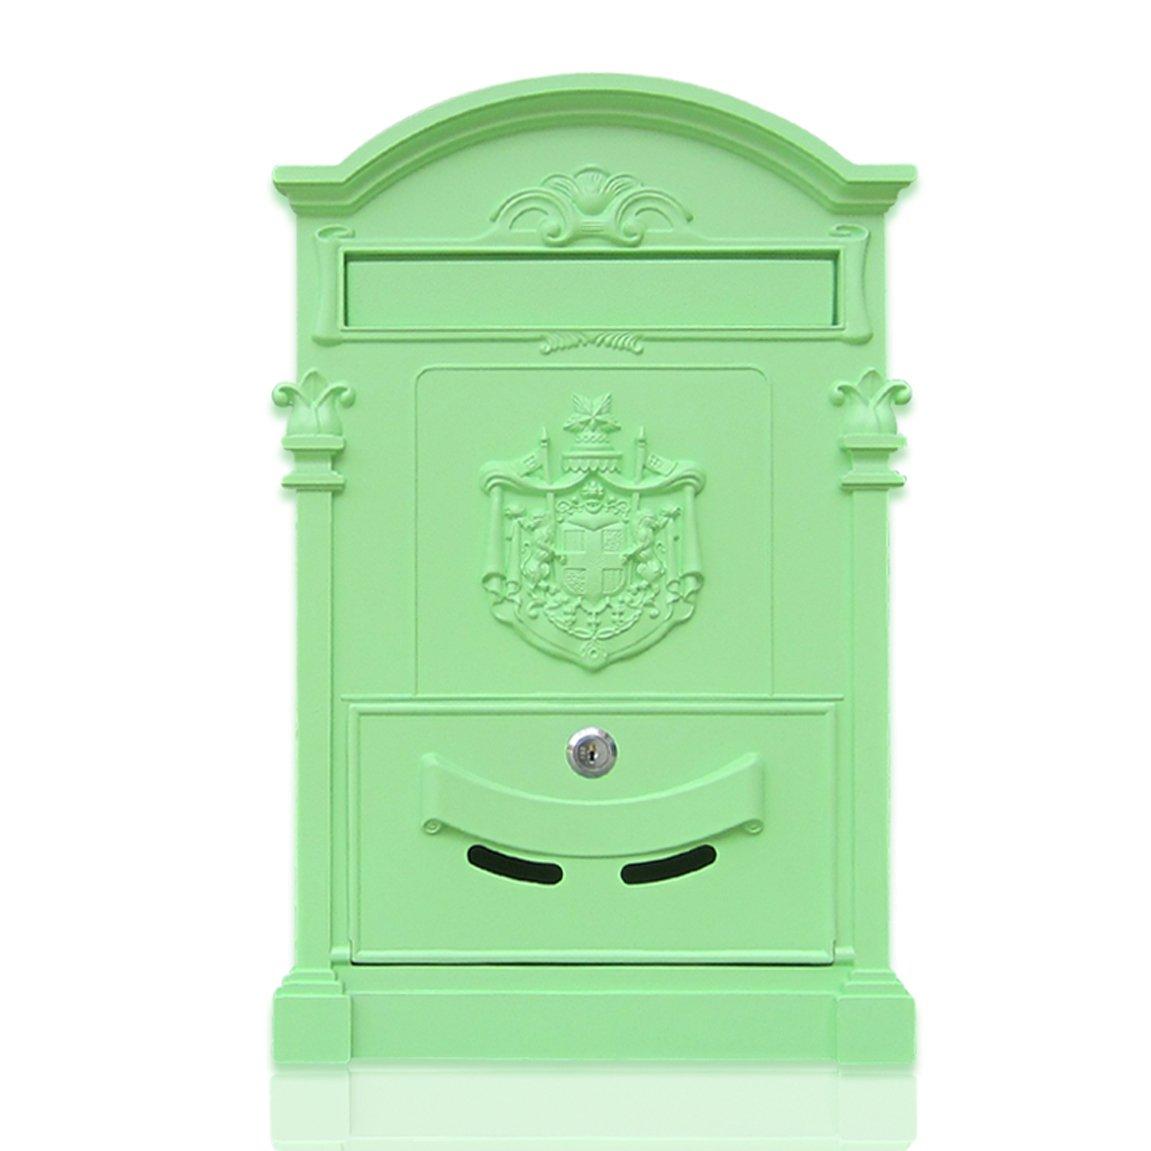 HZB ヨーロッパスタイルのヴィラ郵便受けアウトドアアンティークウォールタイプのメールボックスデコレーション、グリーンティーグリーン   B07JDLL84Q